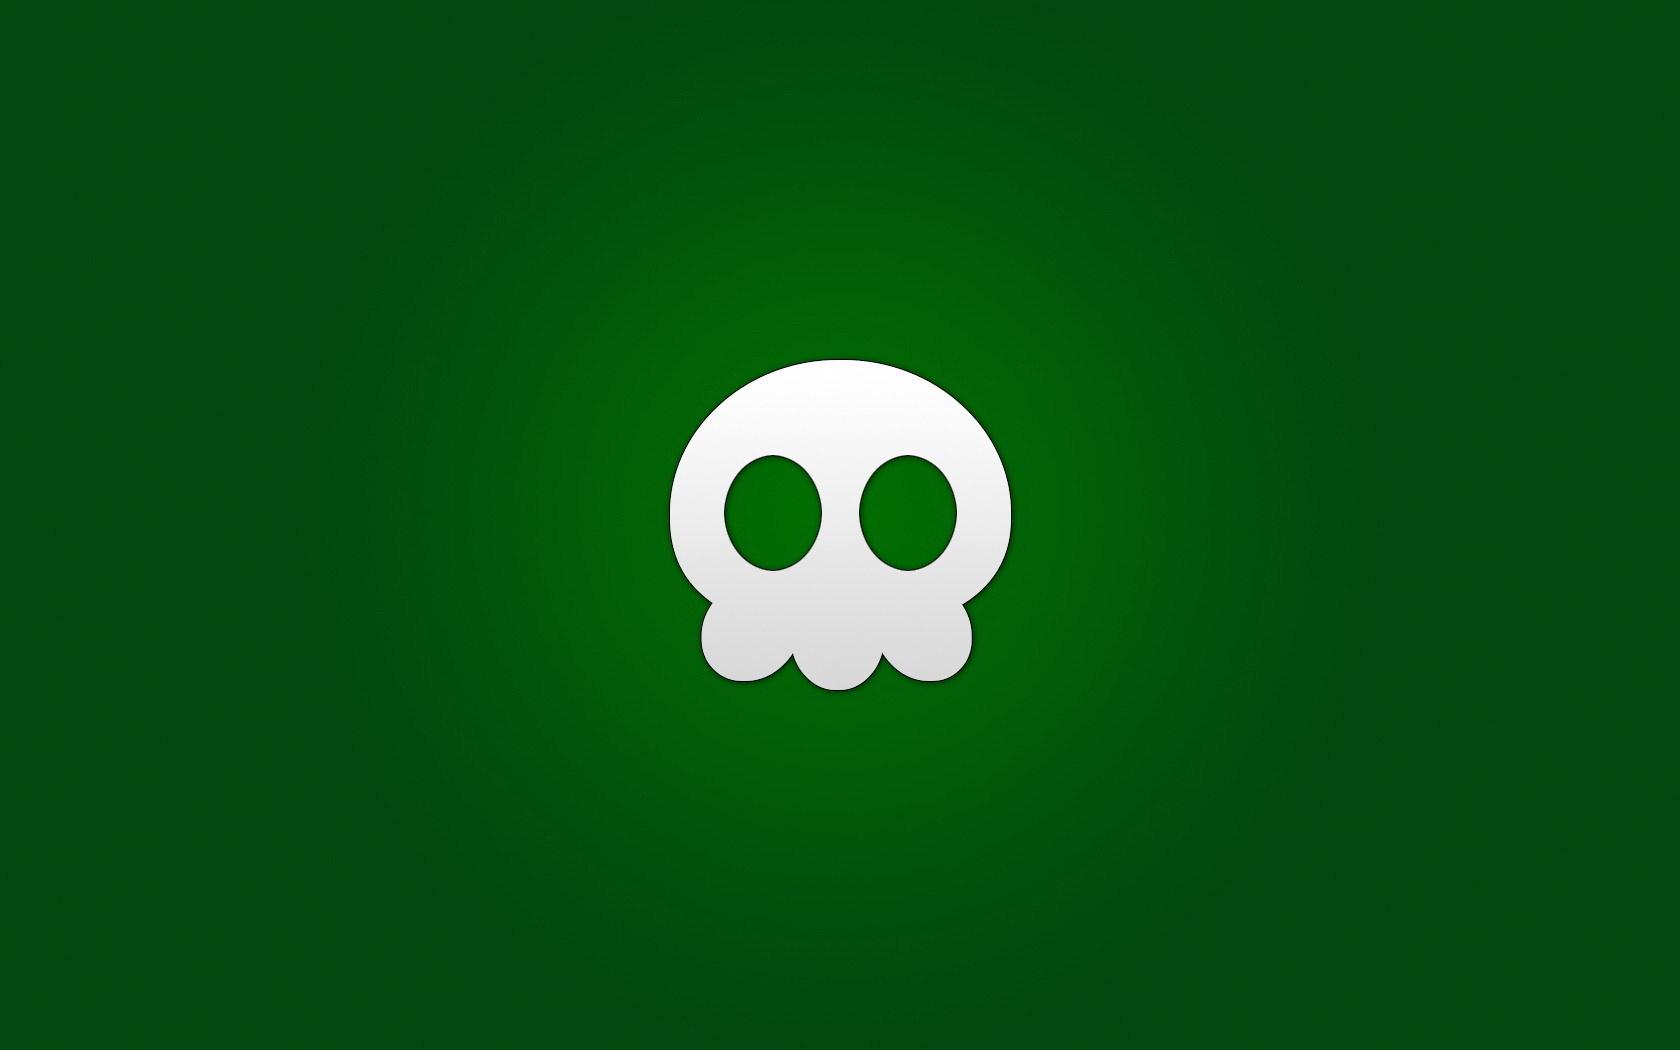 Skull on Green   Green Wallpaper 20988744 1680x1050